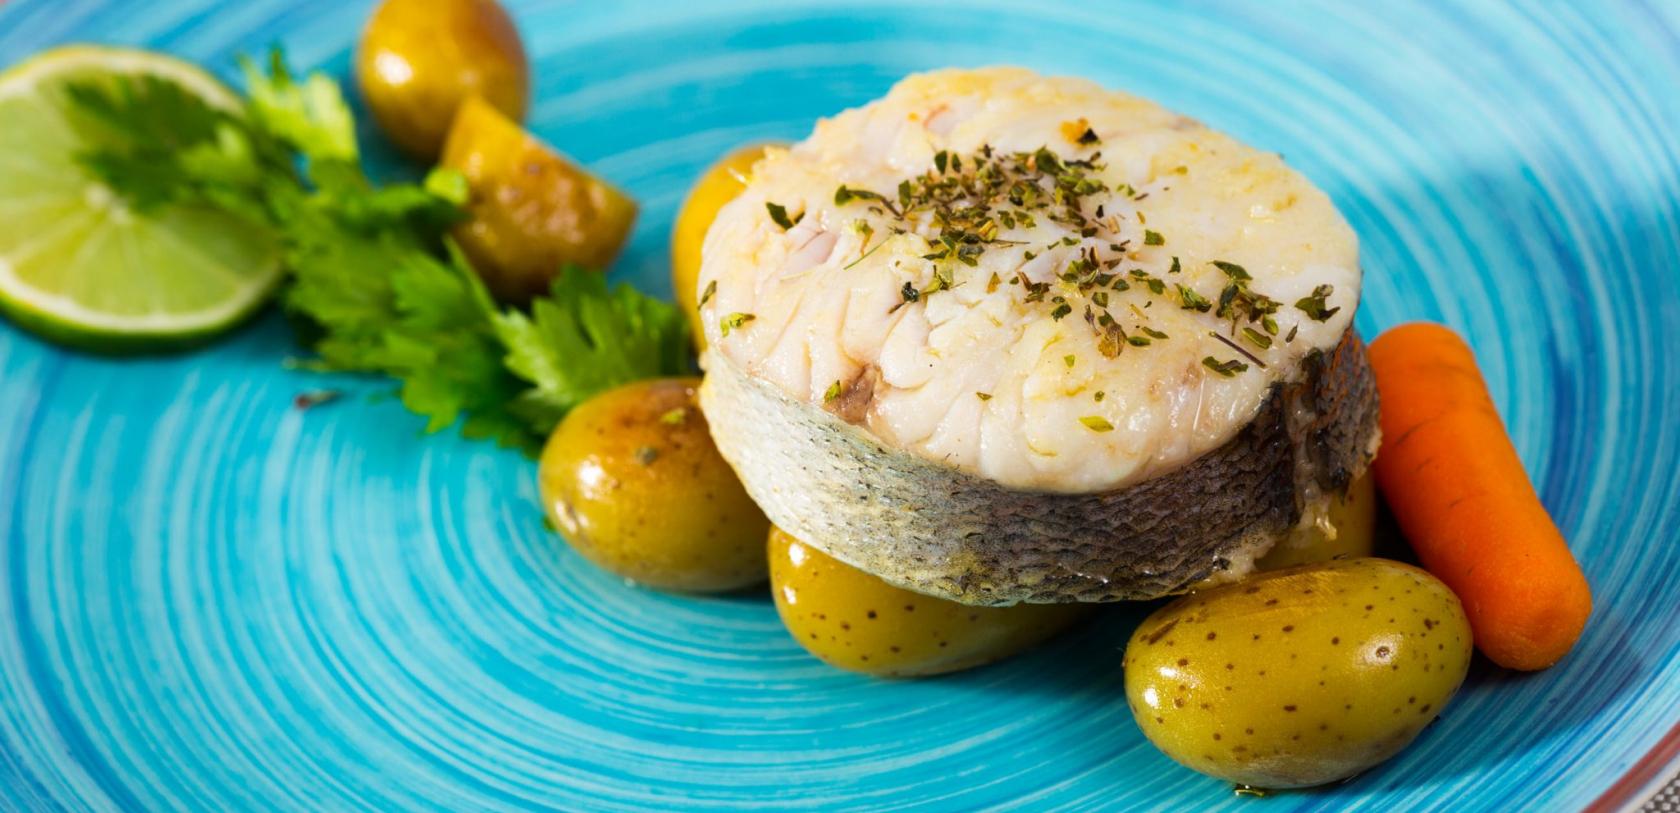 Tranche de merlu au court-bouillon aux aromates, pommes de terre et carottes.